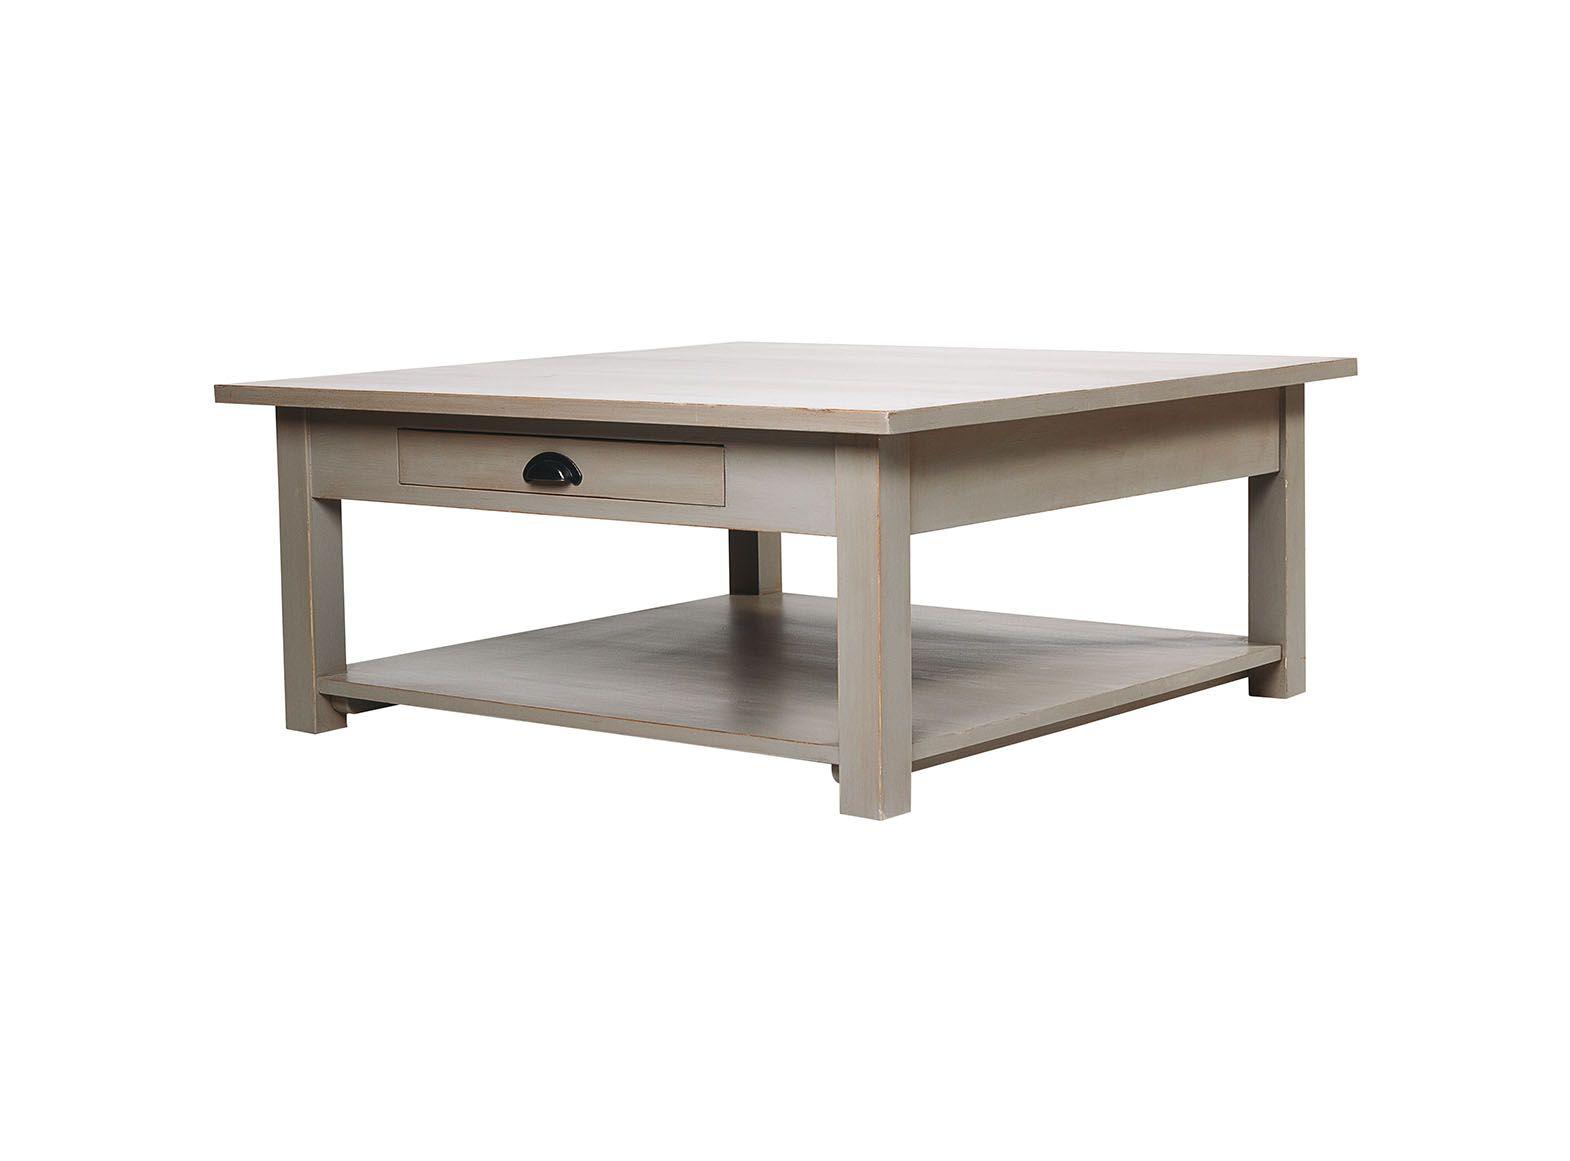 Les tables basses bouts de canap s - Les tables basses ...